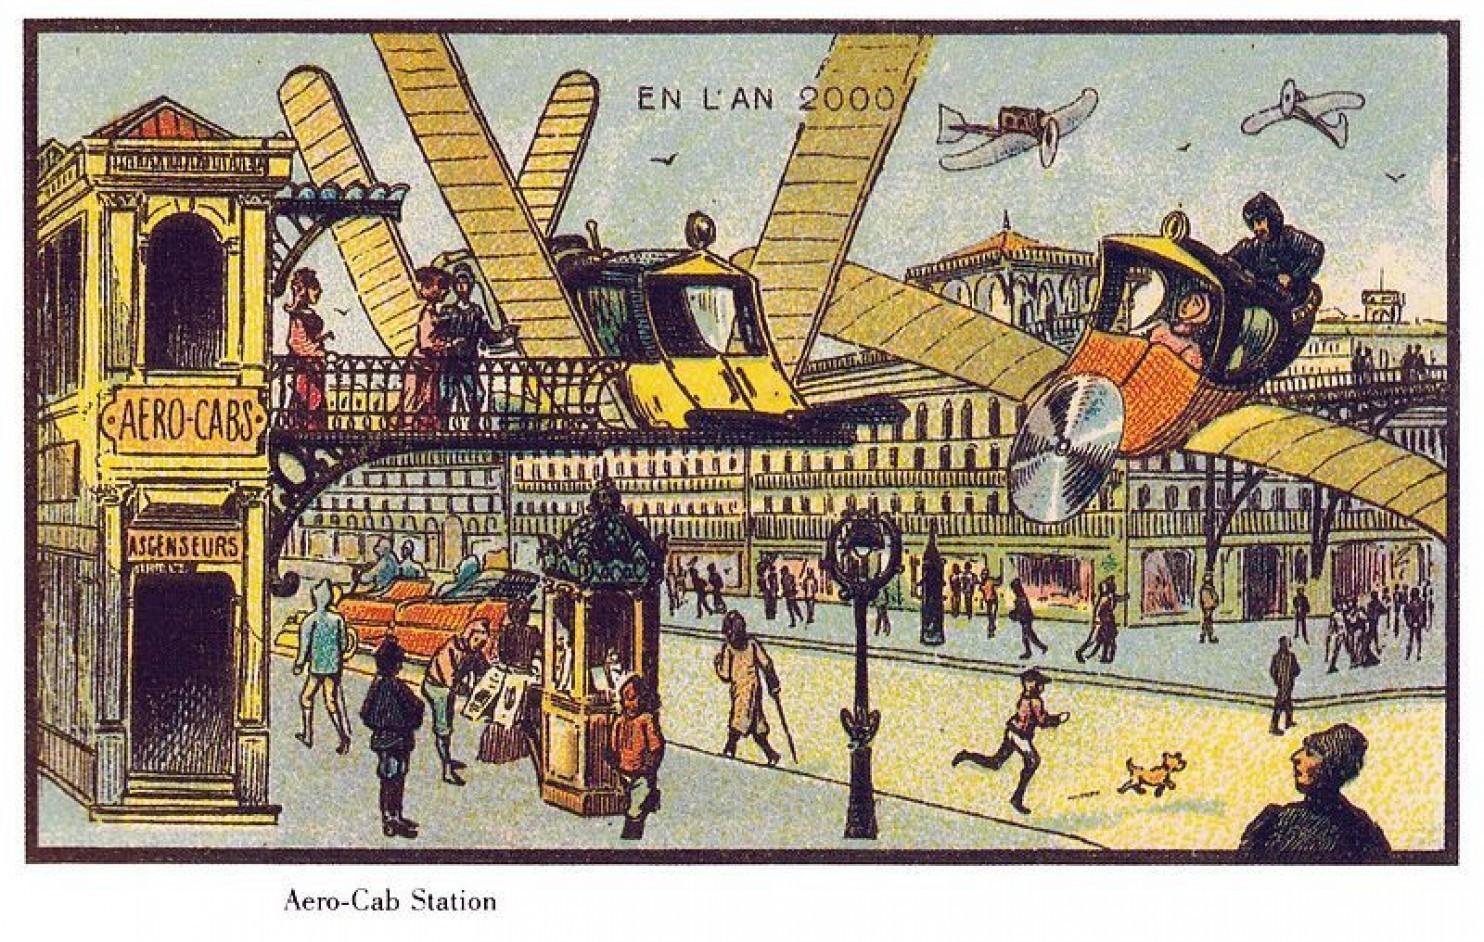 como imaginaban el futuro en 1900 ilustraciones 12